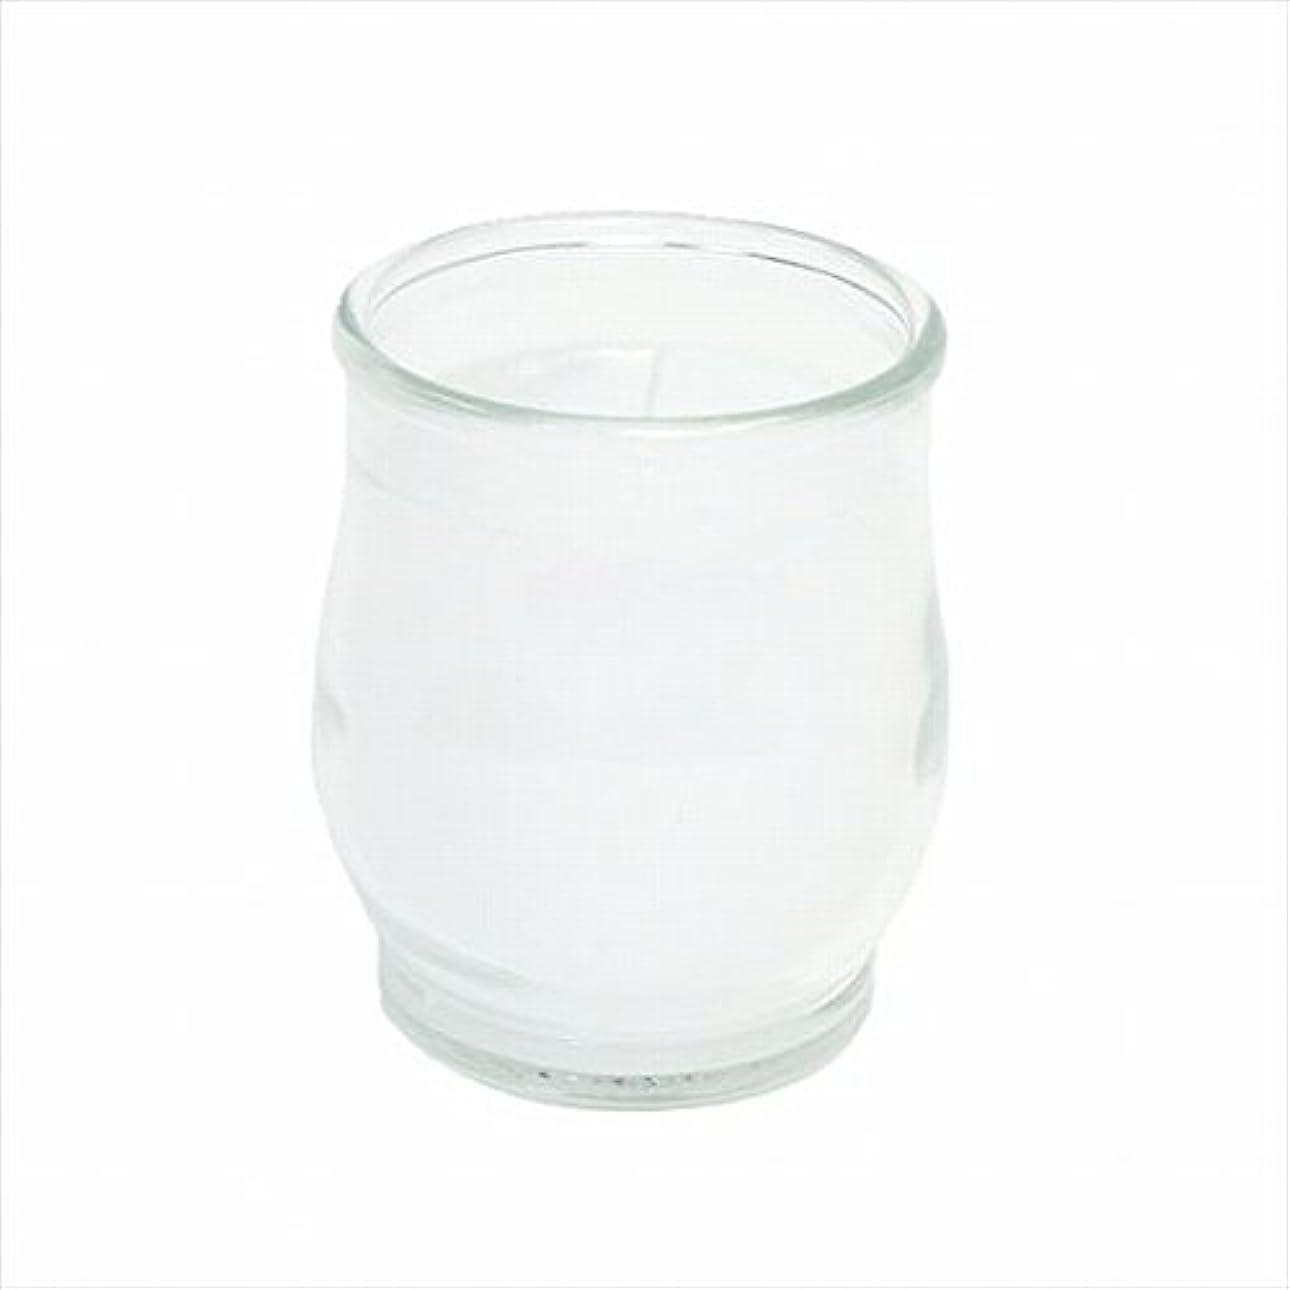 リフレッシュ倍増追記カメヤマキャンドル(kameyama candle) ポシェ(非常用コップローソク) 「 クリア 」